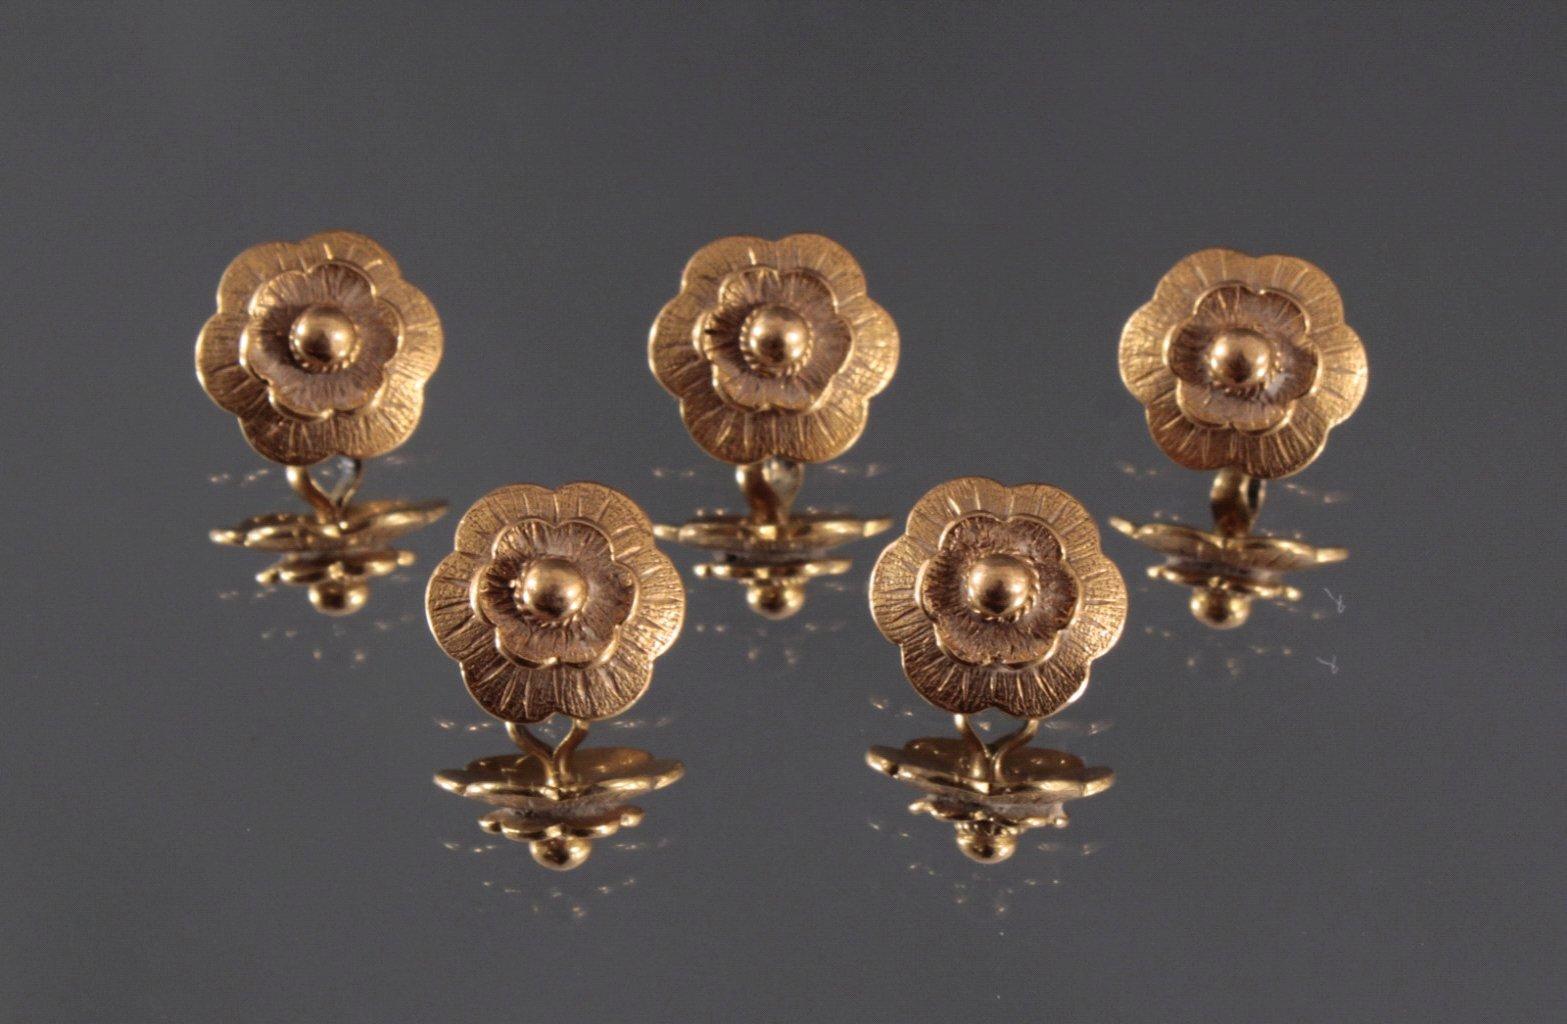 5 Knöpfe in Blütenform aus 750/000 GG